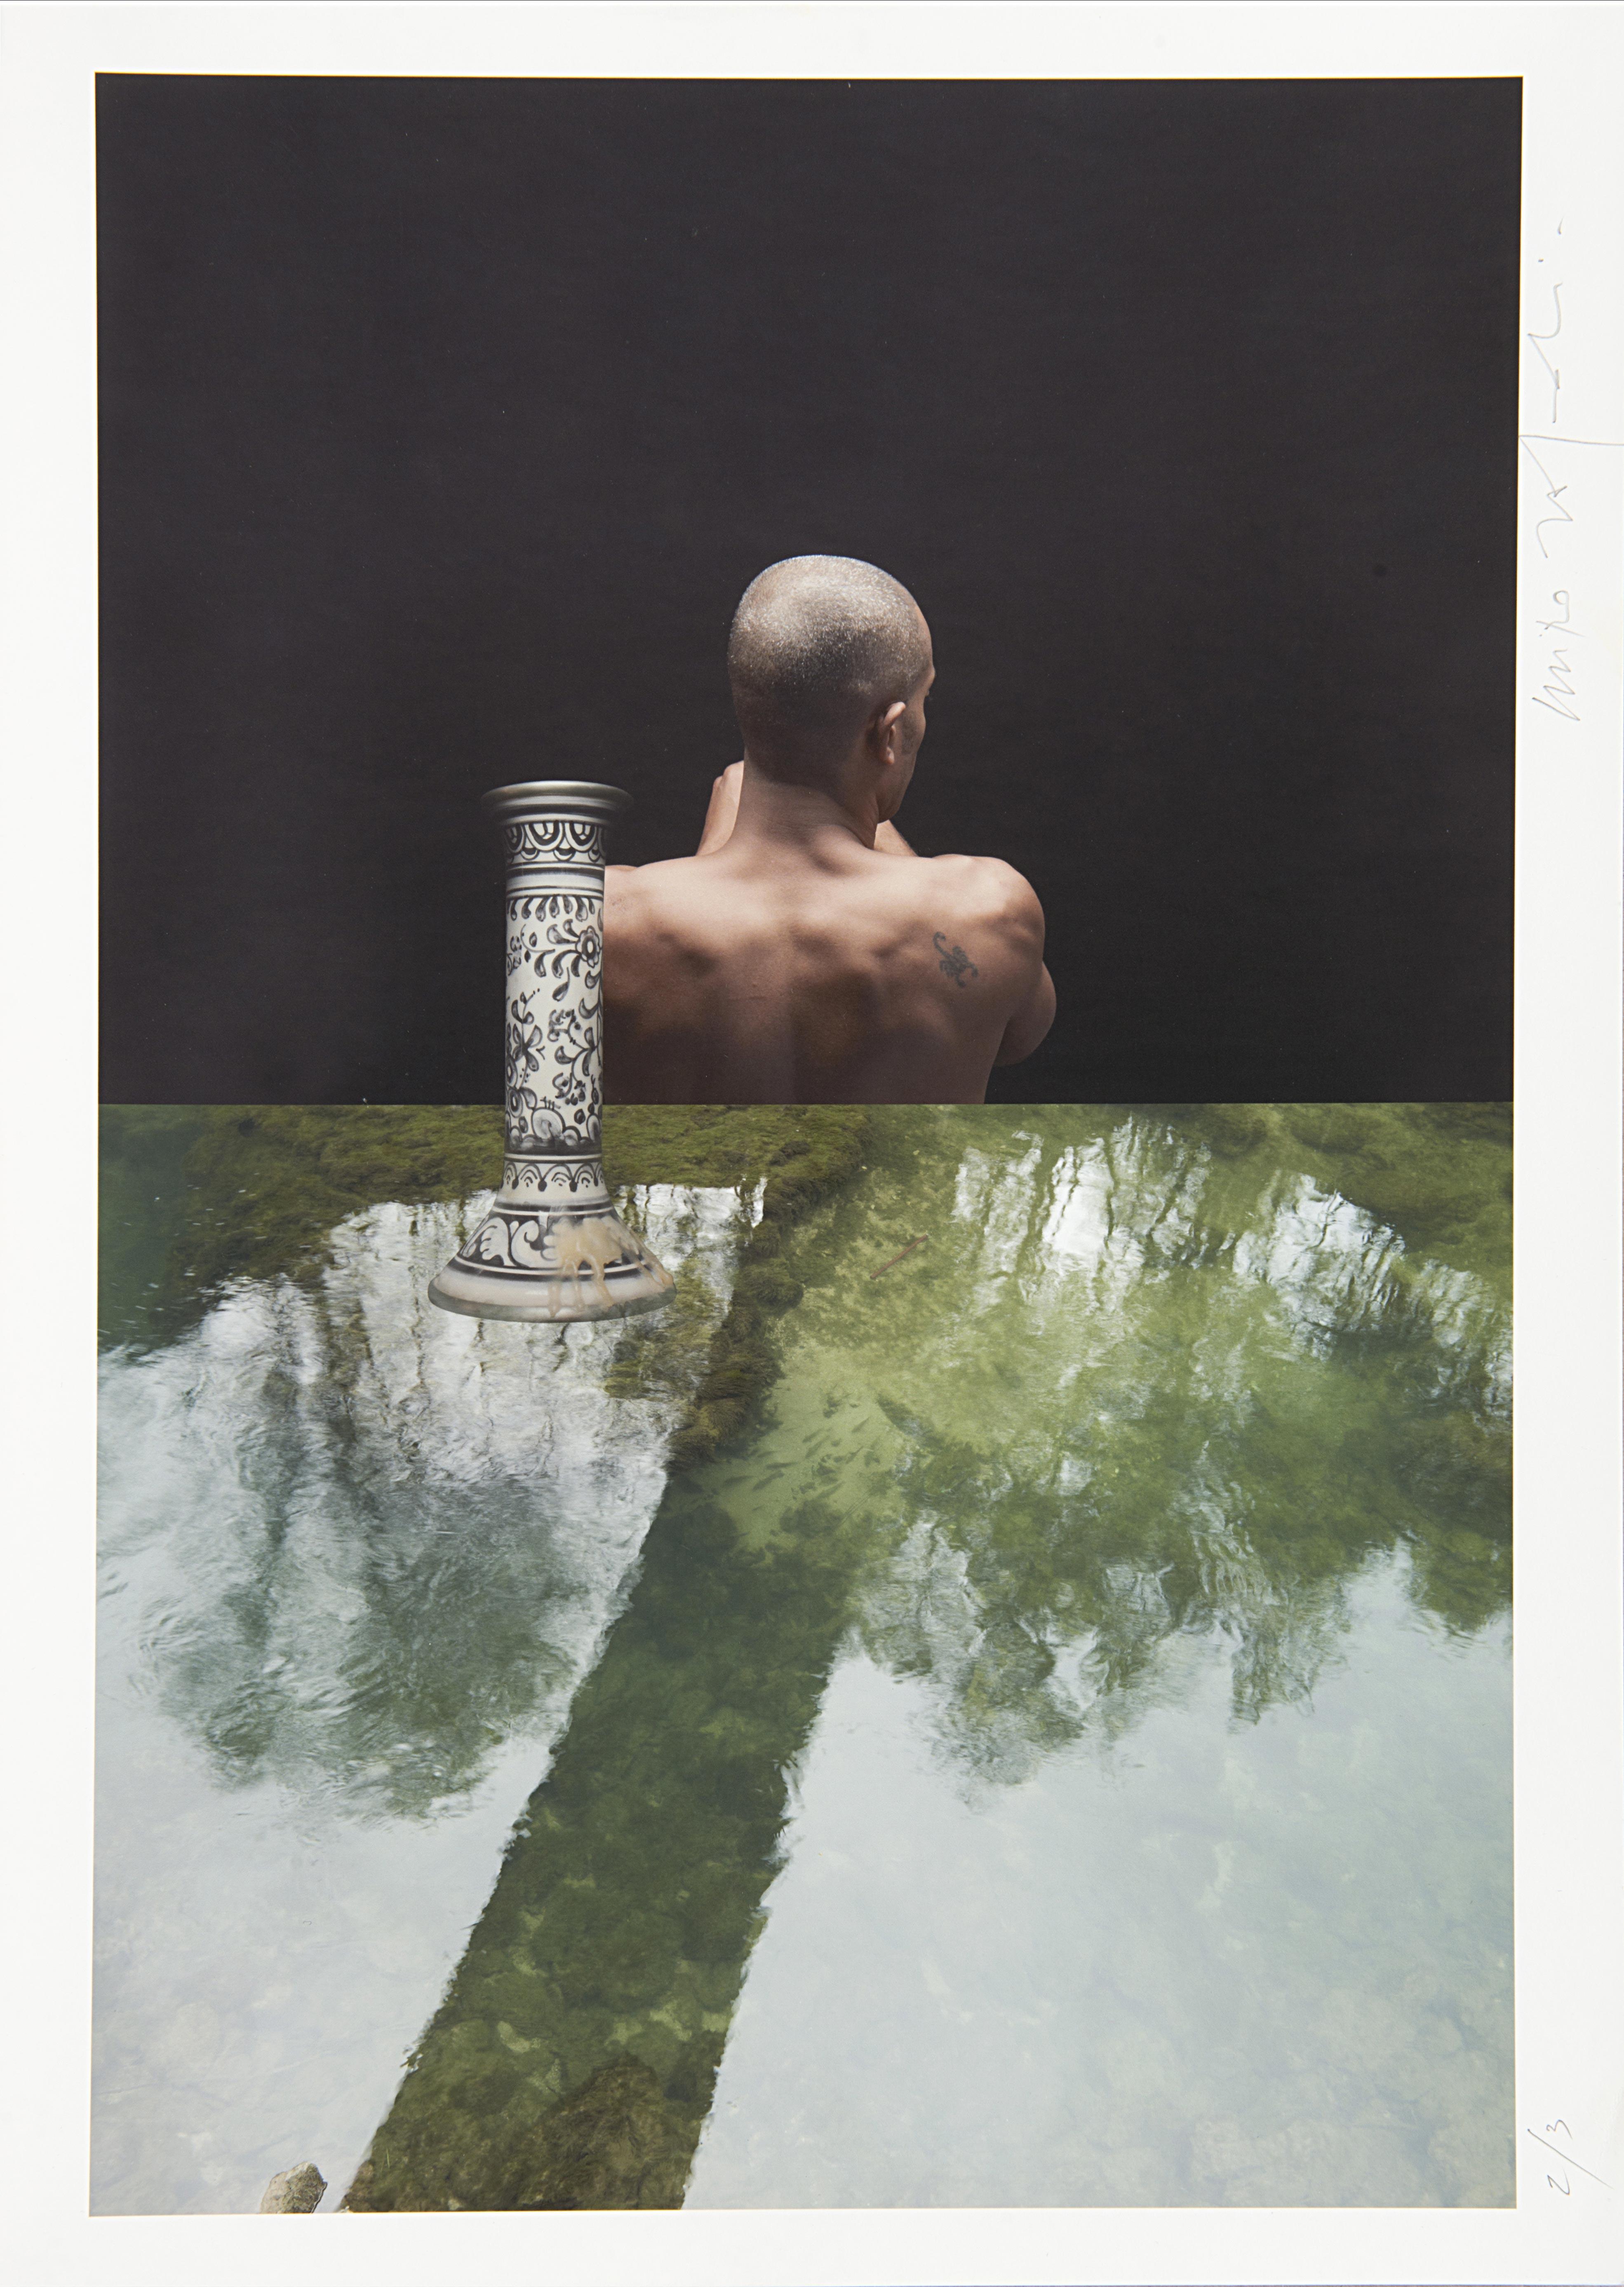 Composizione_27 (Uomo, candelabro, acqua), 2011